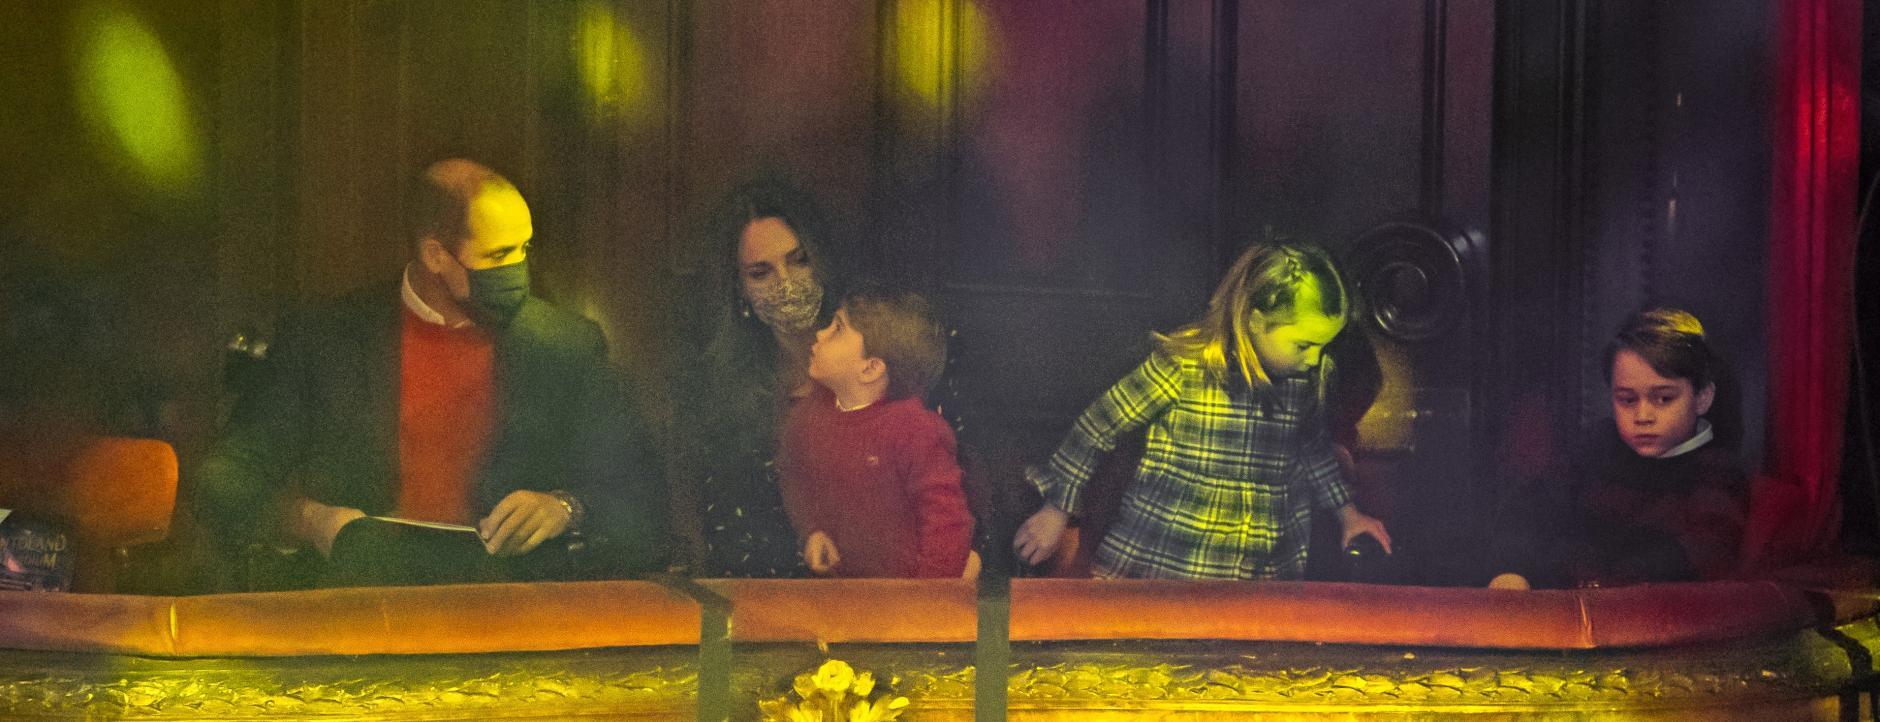 William und Kate erstmals mit allen Kindern auf dem roten Teppich 7